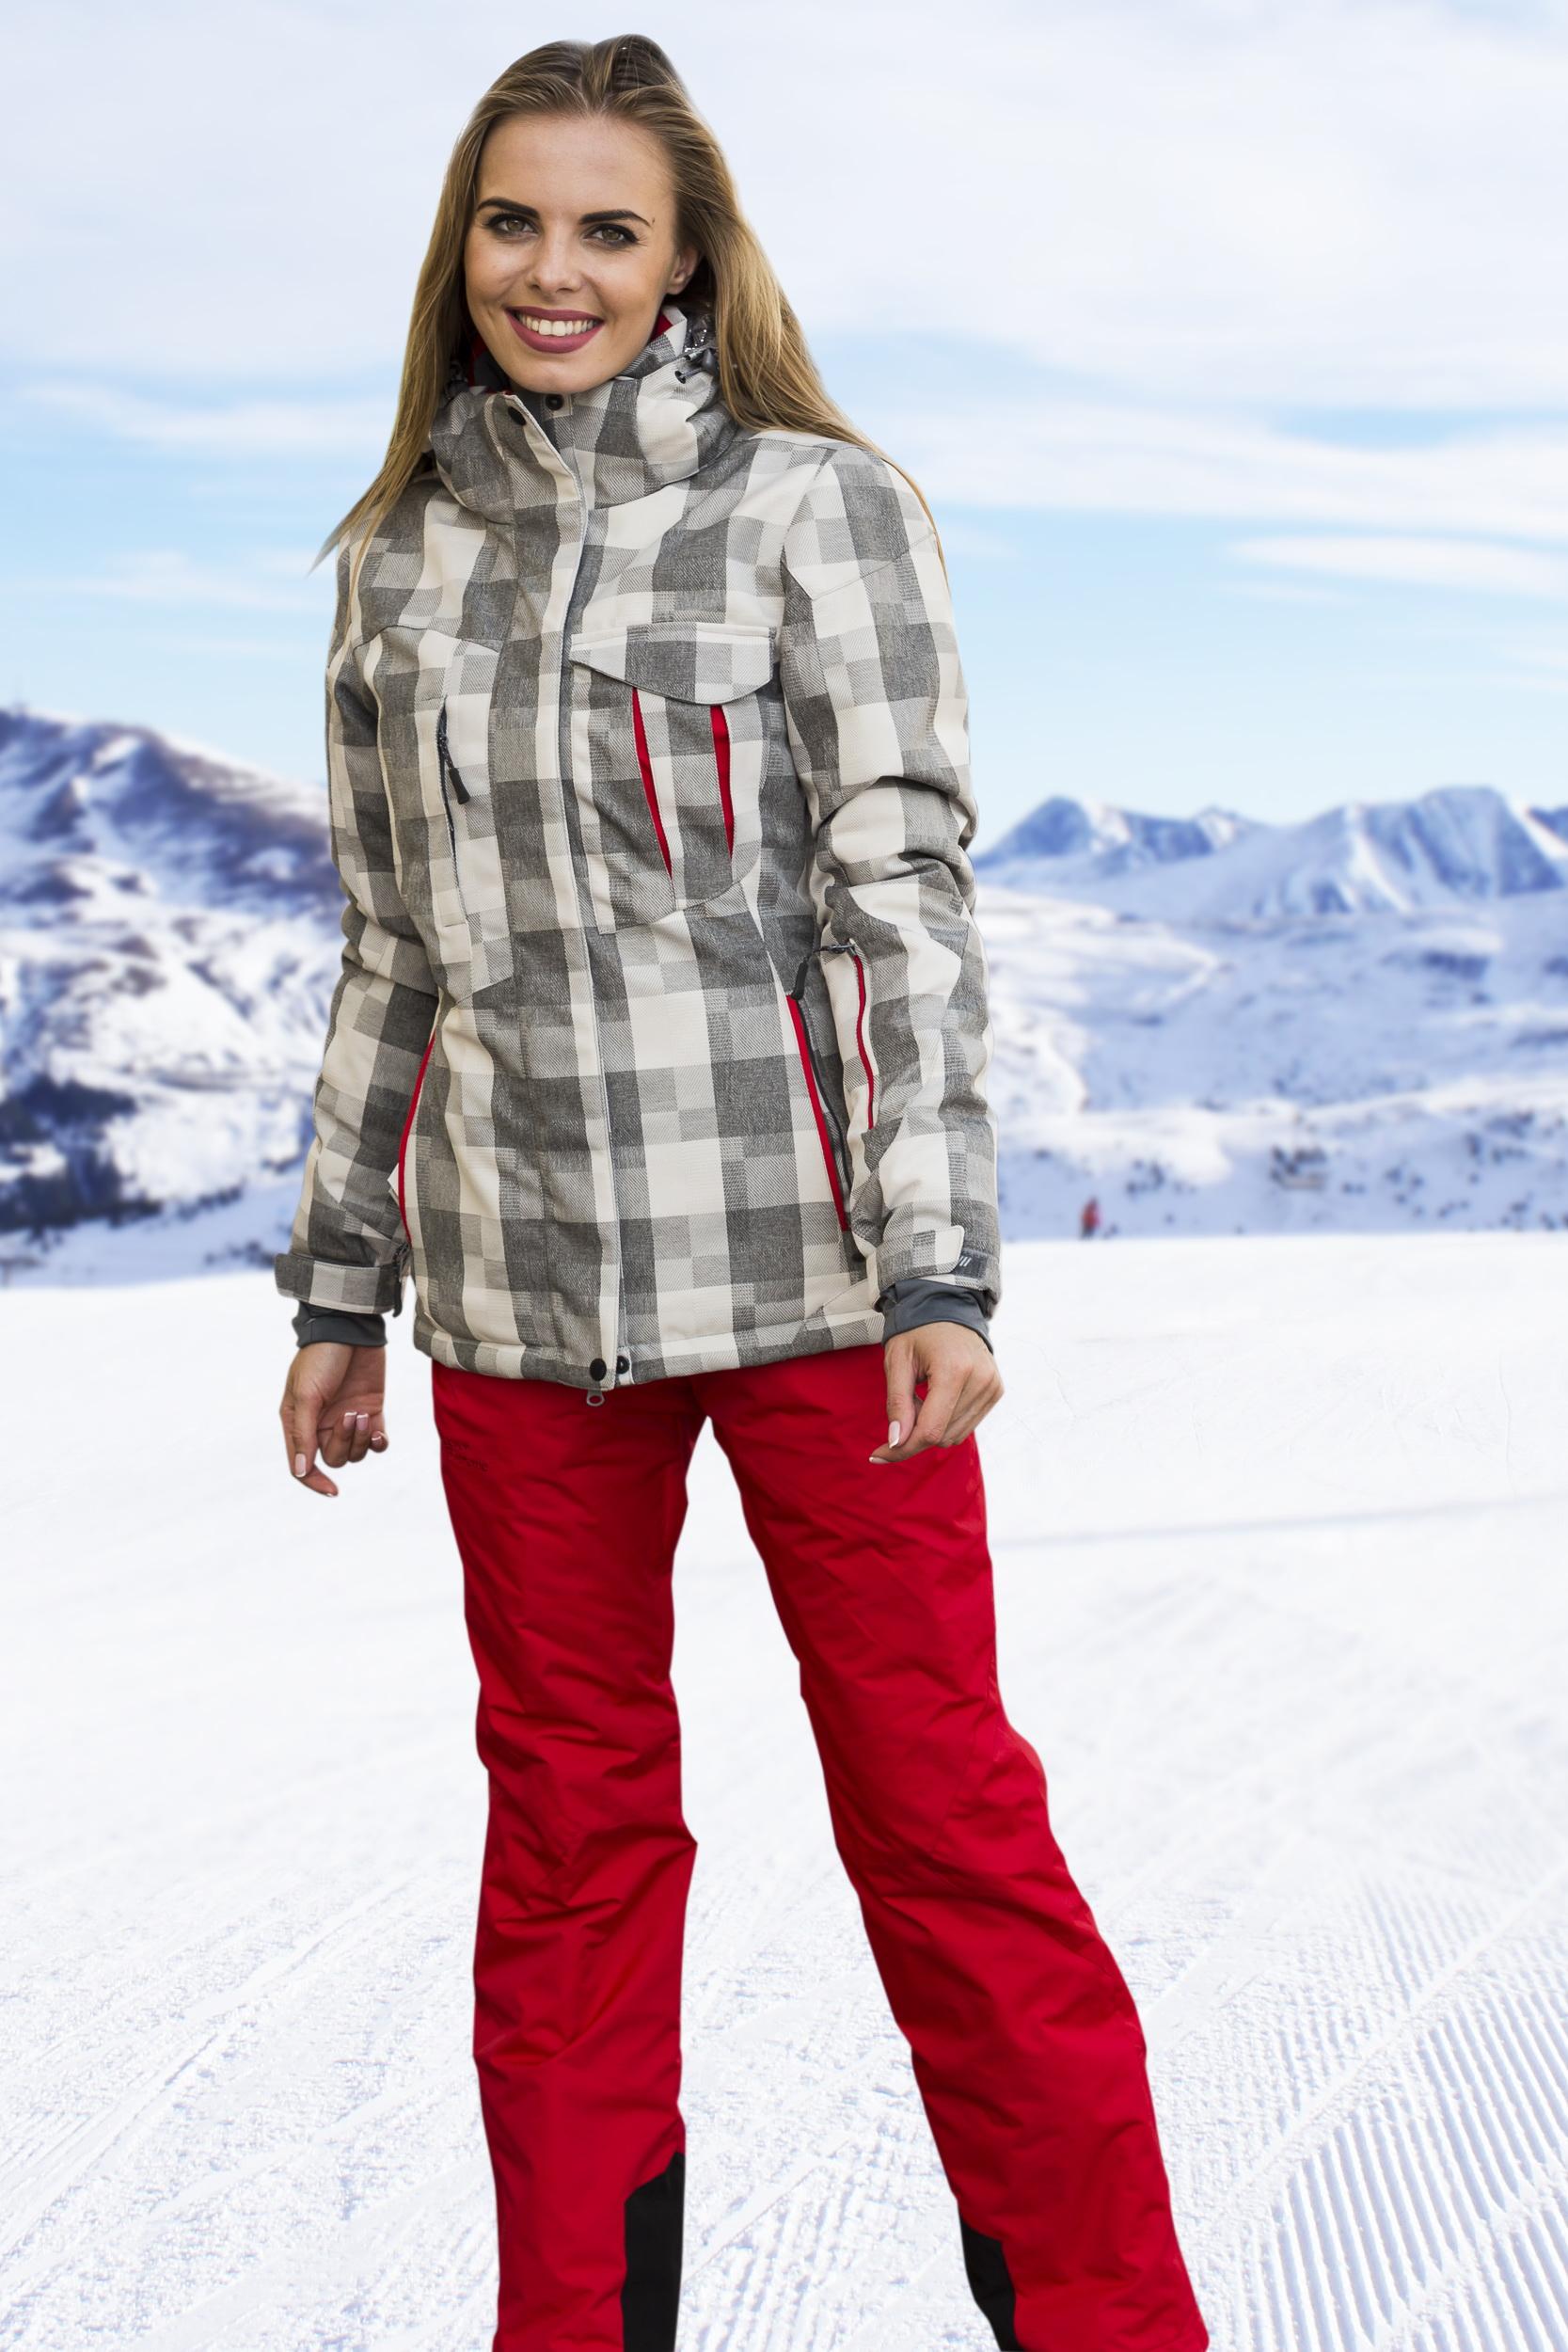 666e1c04eb11 Женский горнолыжный костюм купить в Киеве. Лыжный костюм женский цена